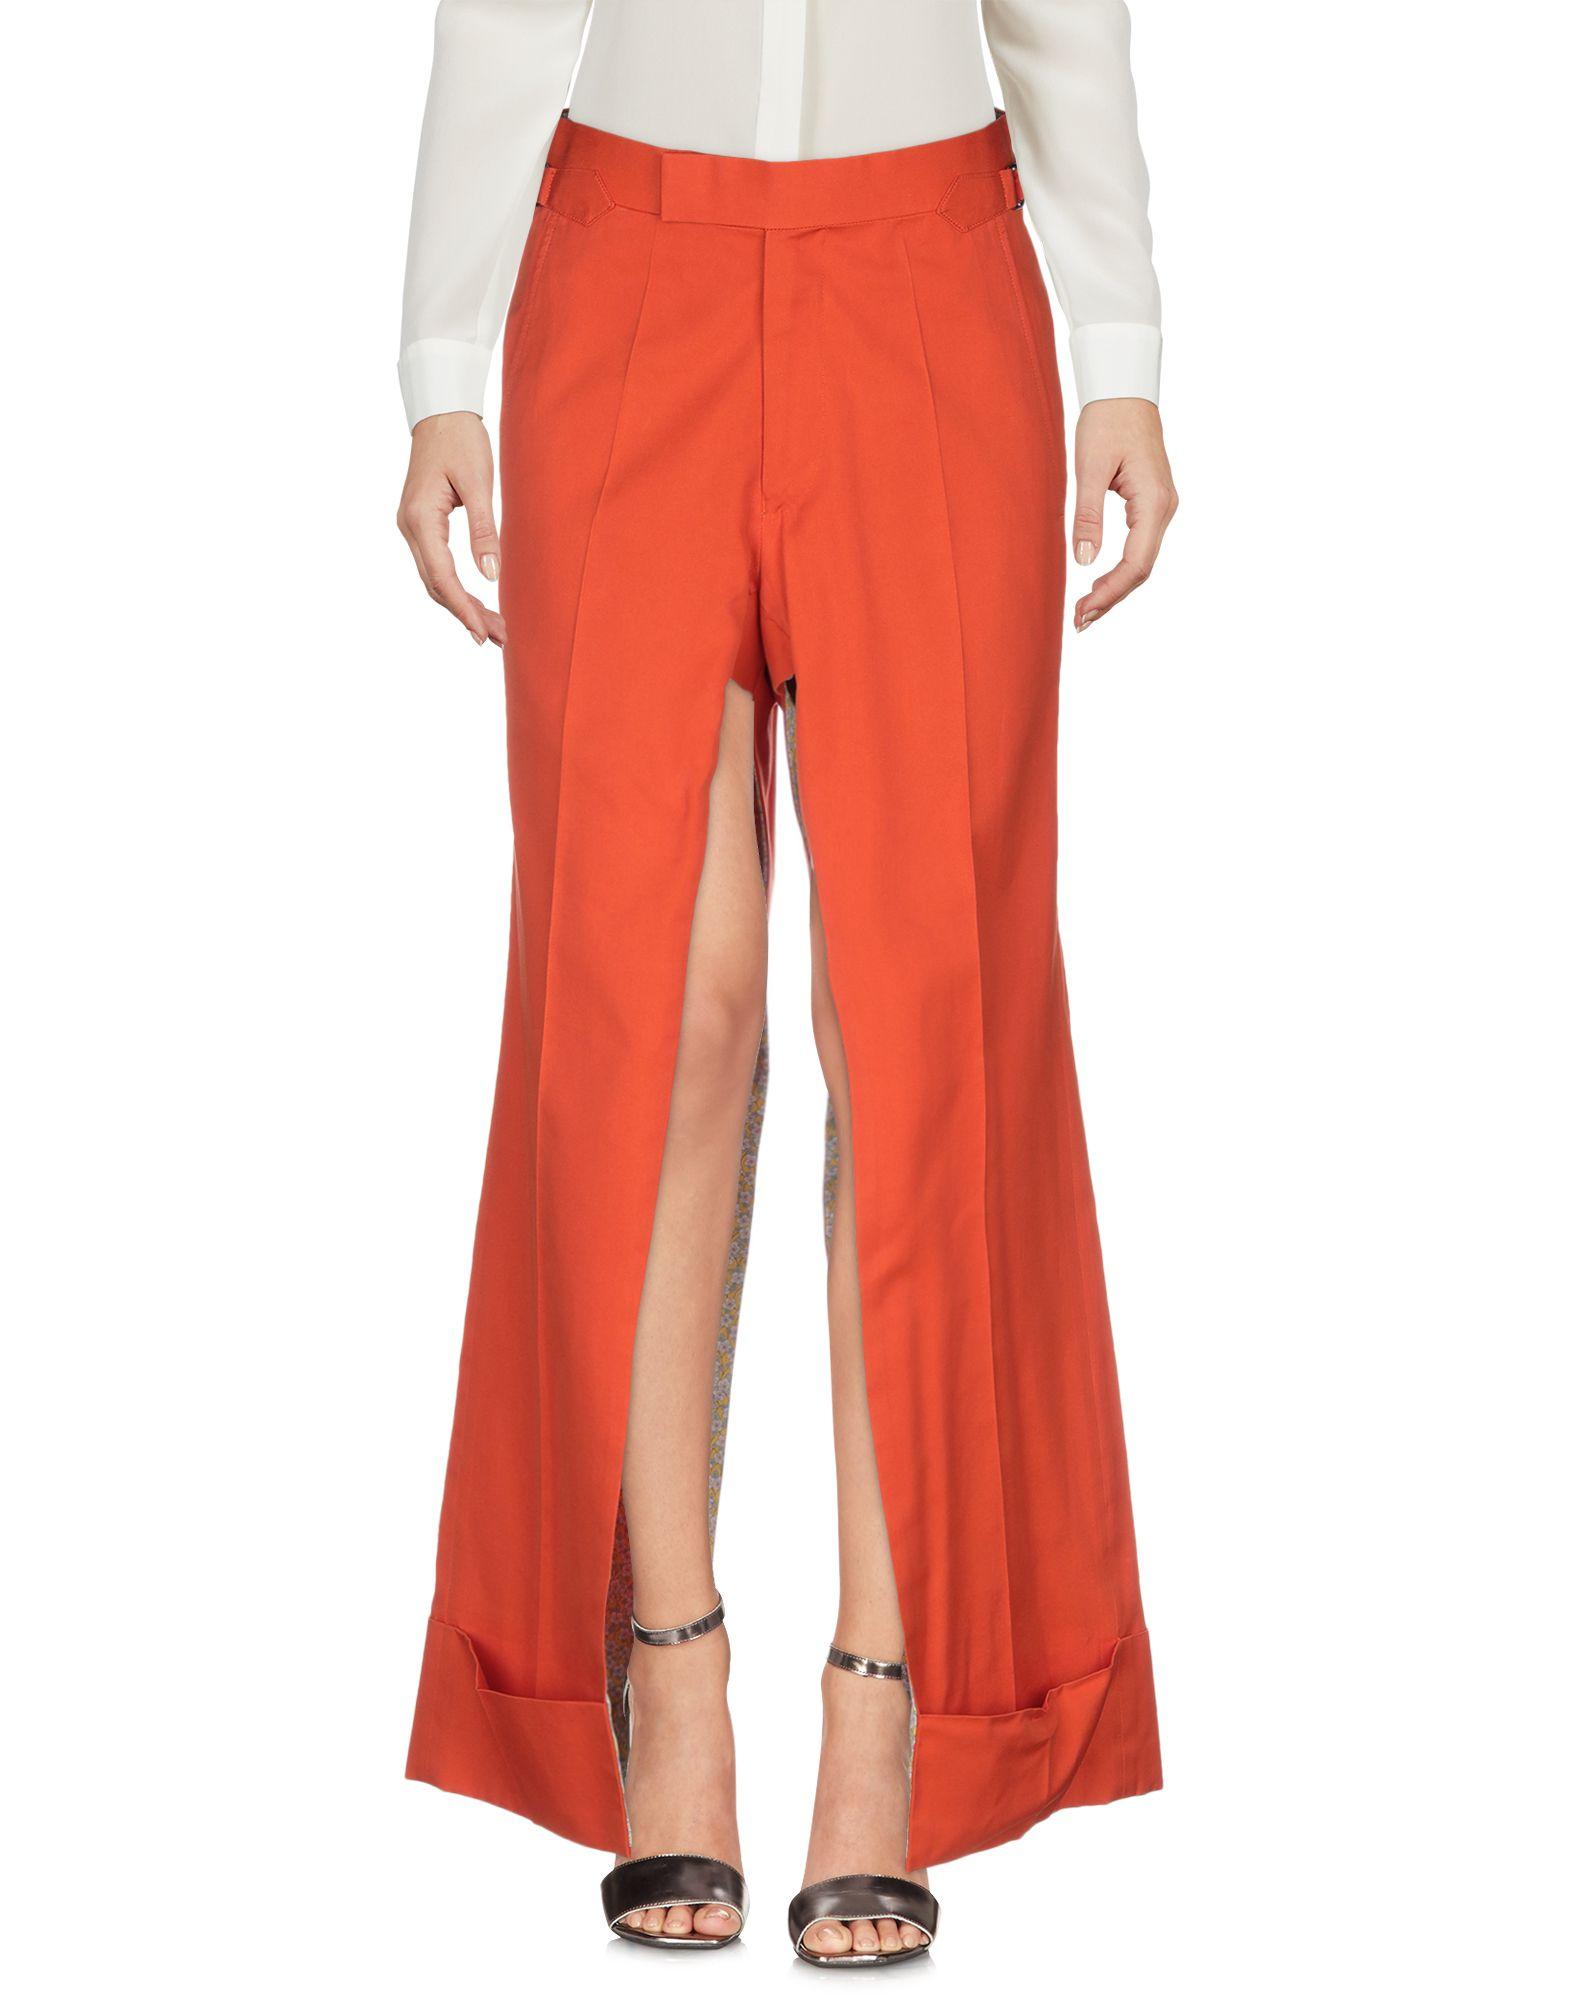 《期間限定セール中》ANDREAS KRONTHALER for VIVIENNE WESTWOOD レディース パンツ オレンジ 2 コットン 77% / シルク 23%